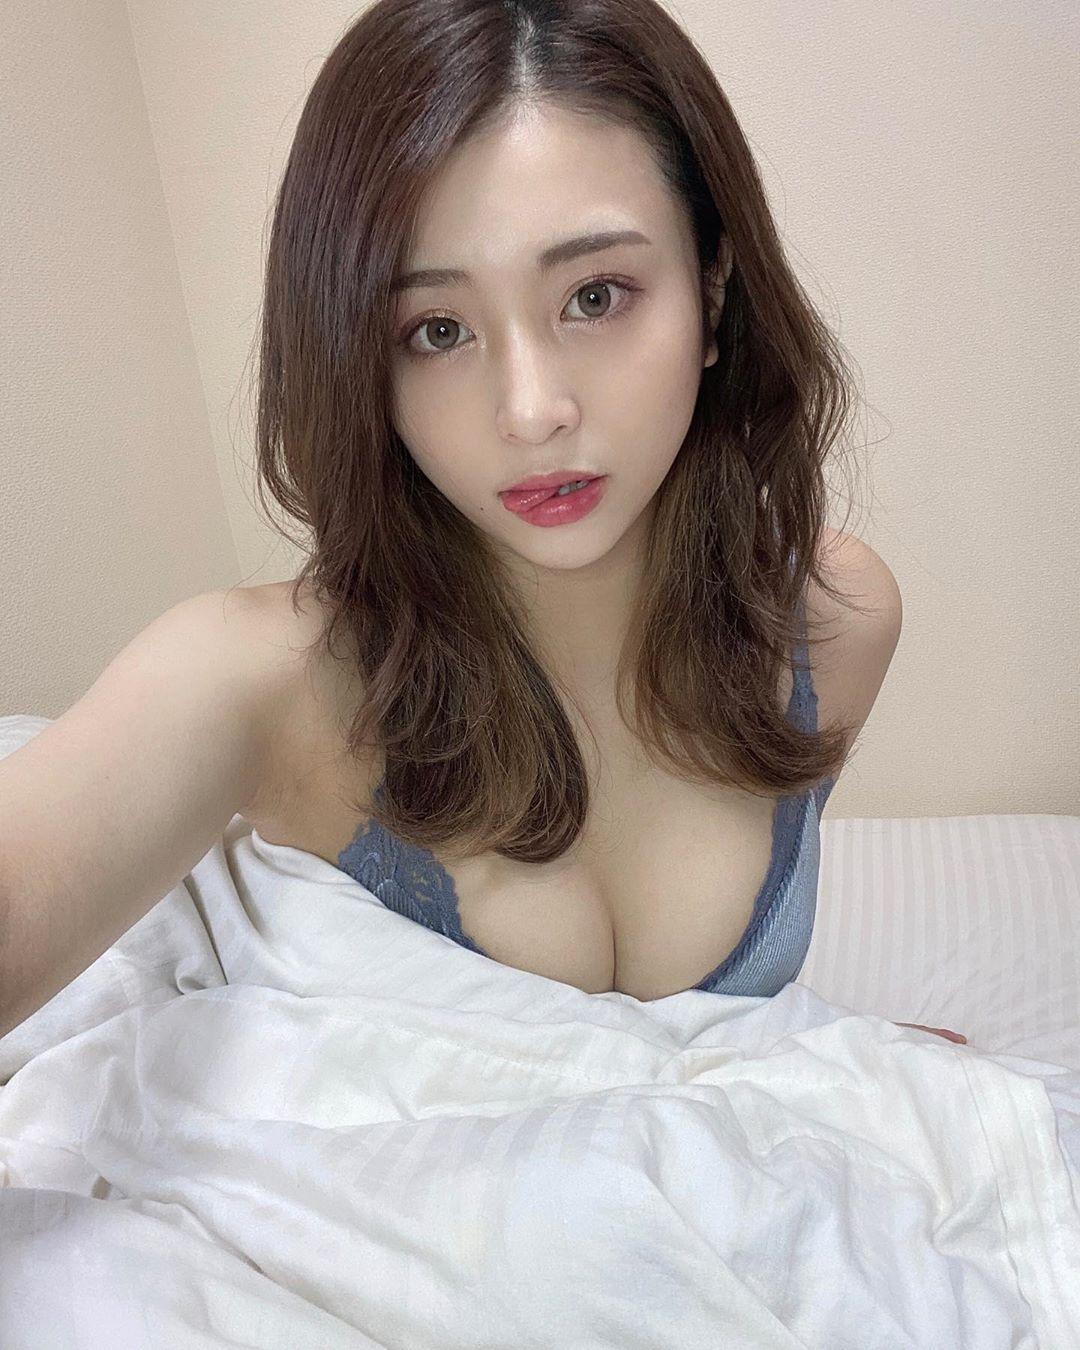 21岁现役女大生「百瀬りえ」神似暗黑潮流女神 清新版明日花也很可以!